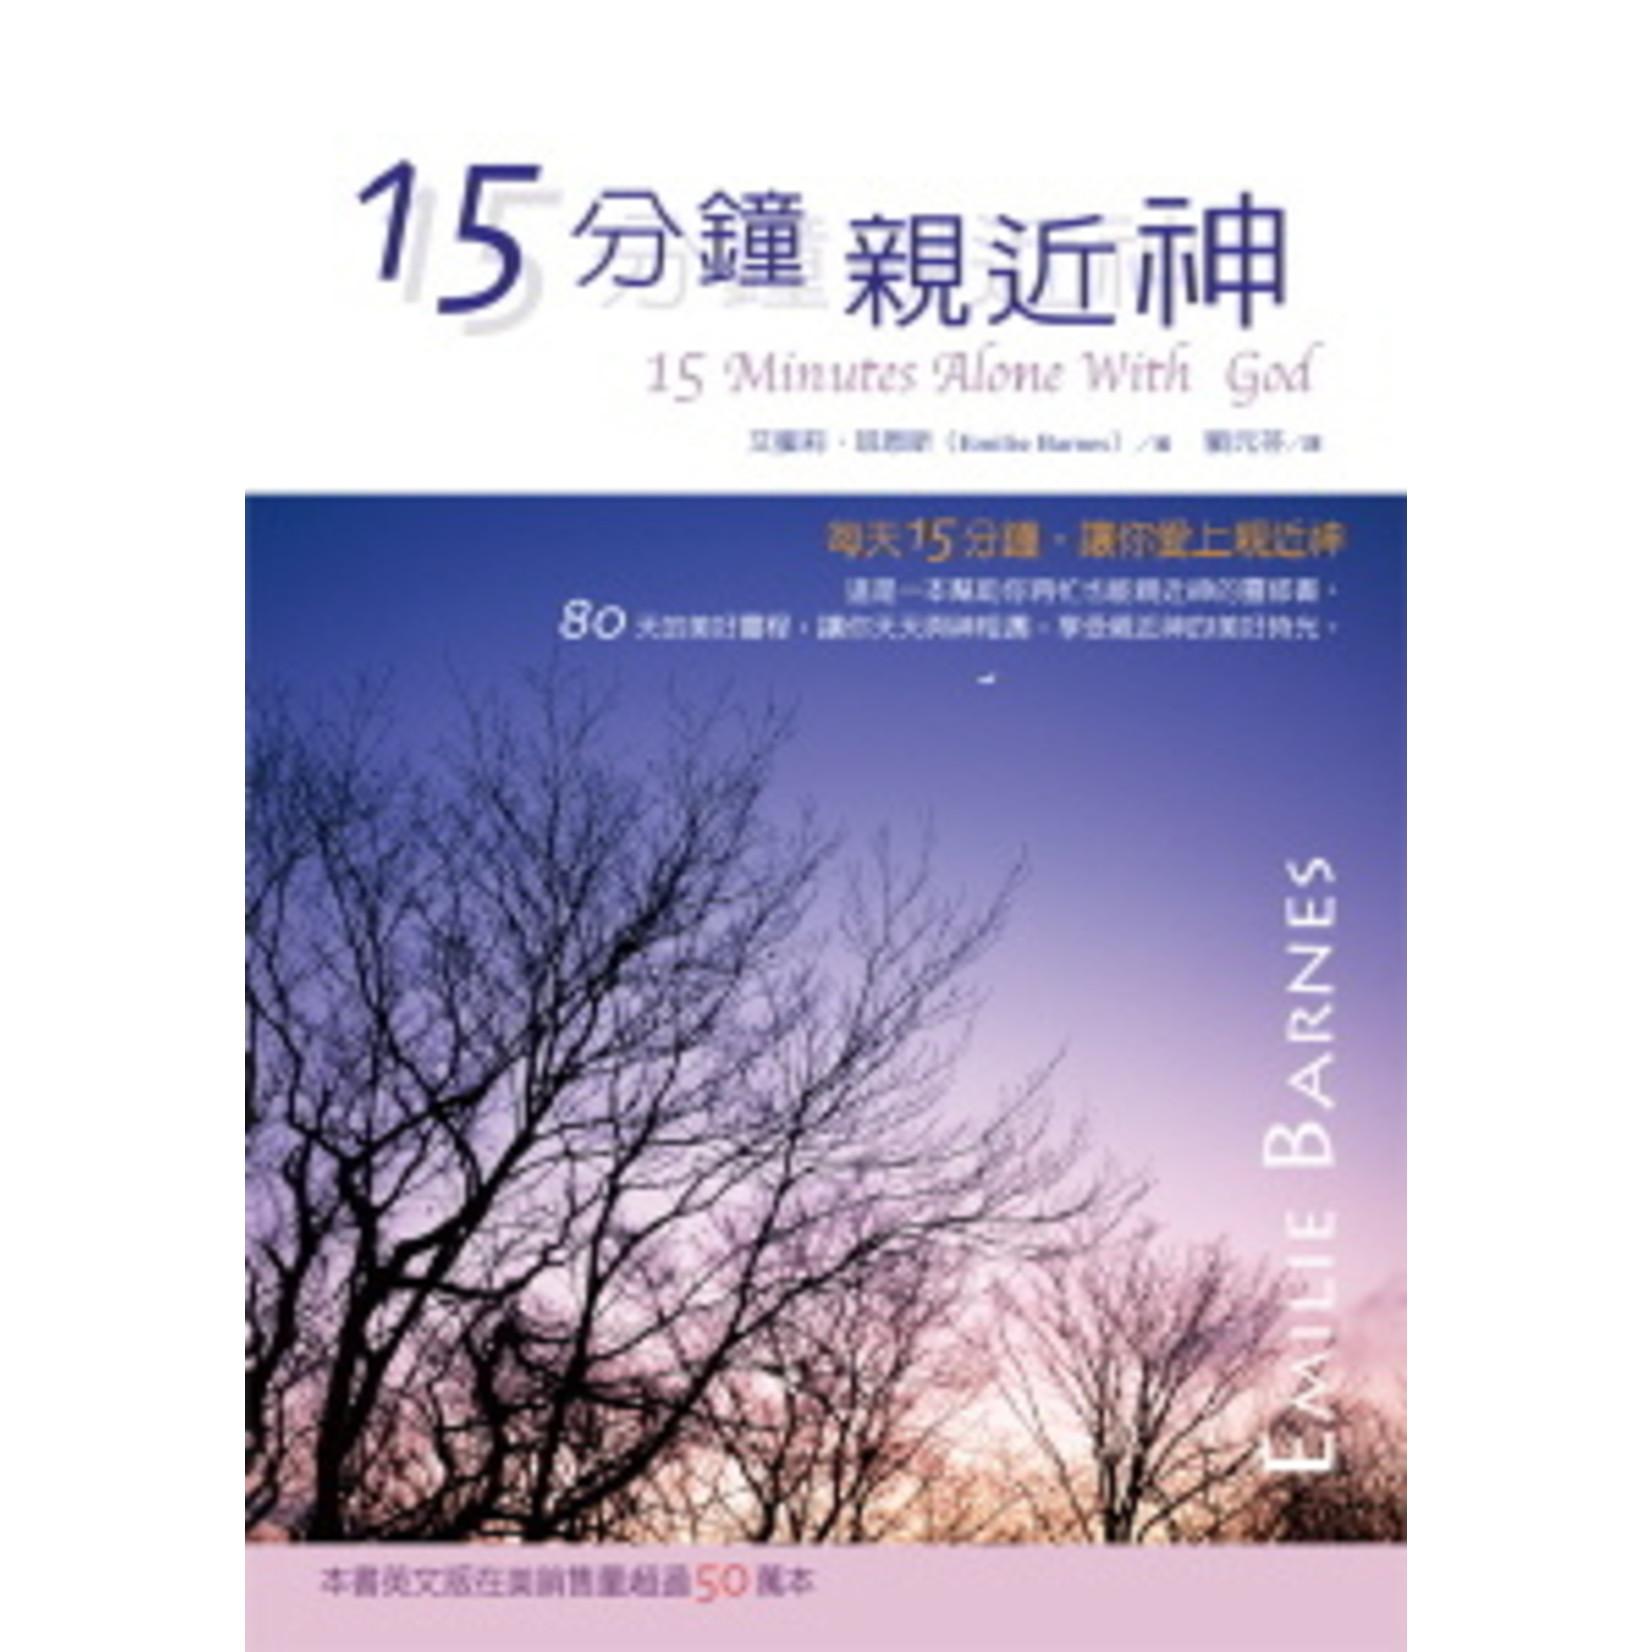 校園書房 Campus Books 15分鐘親近神 15 Minutes Alone With God